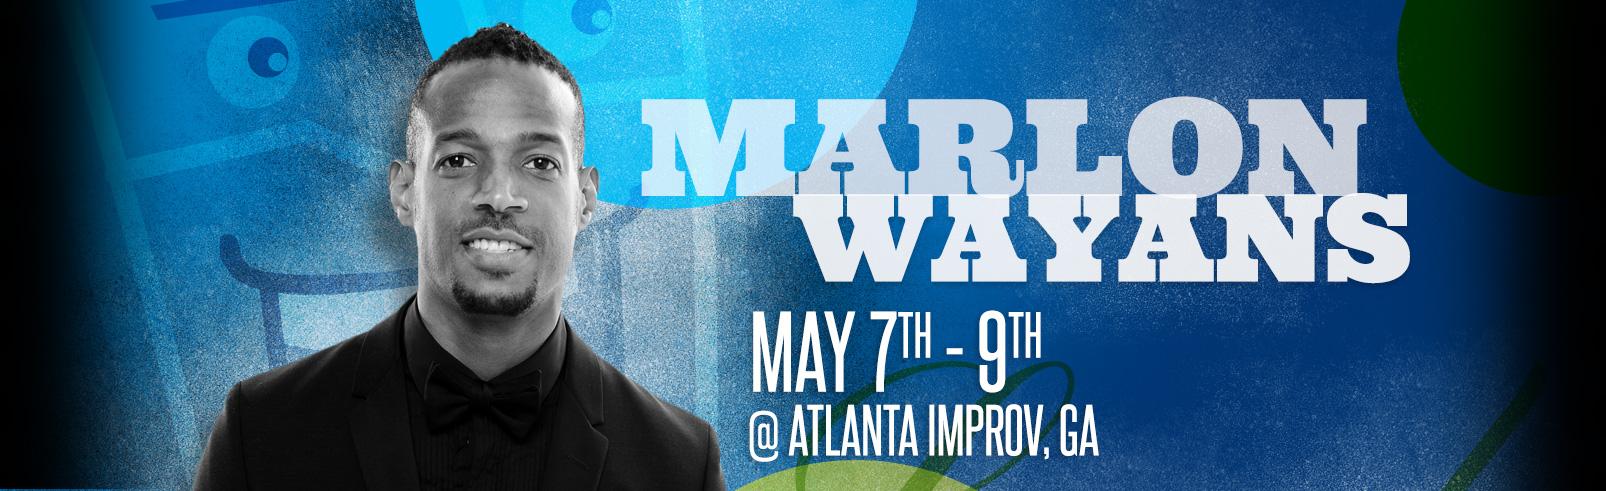 Marlon Wayans @ Atlanta Improv